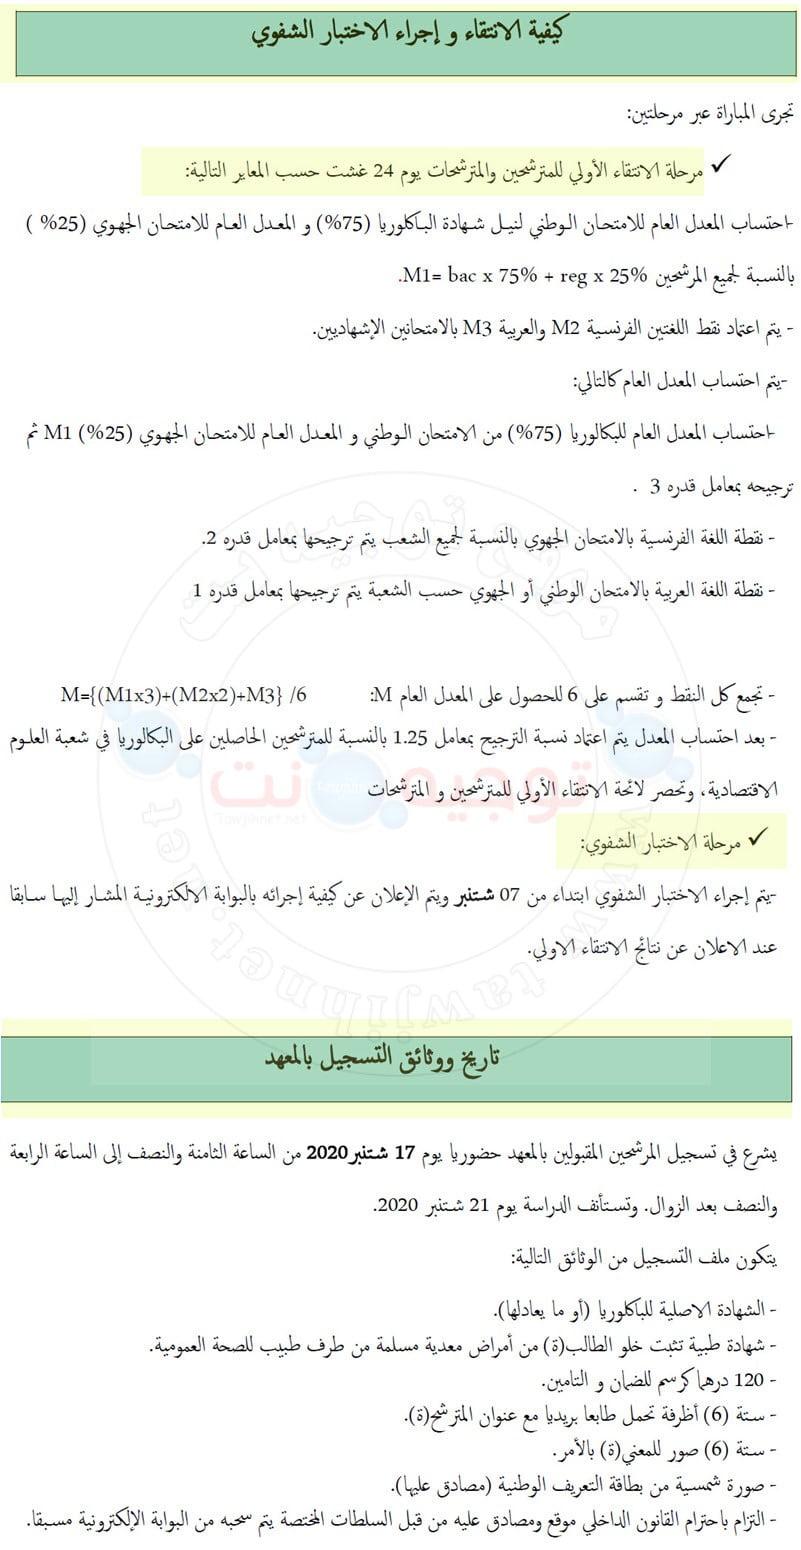 Concours INAS Tanger 2020 -2021 المعهد الوطني للعمل الاجتماعي بطنجة